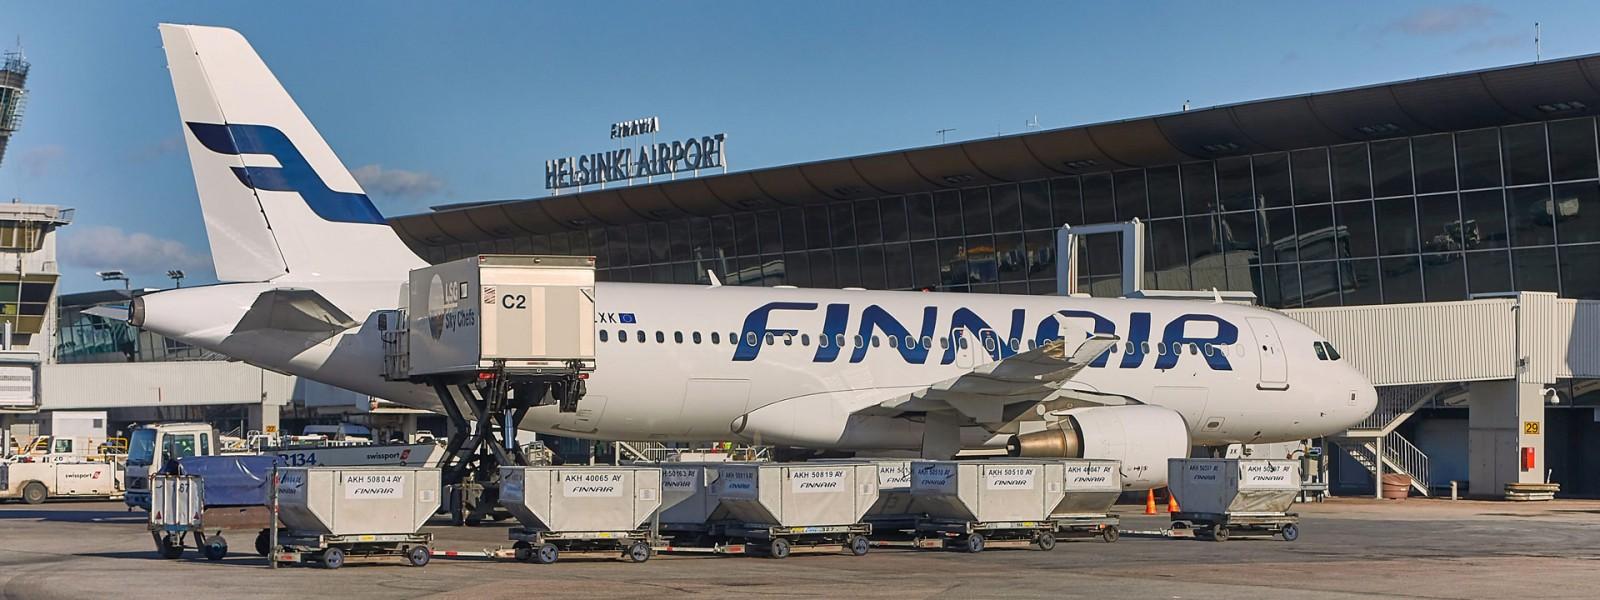 Air freight, international air cargo | wCargo (eng)